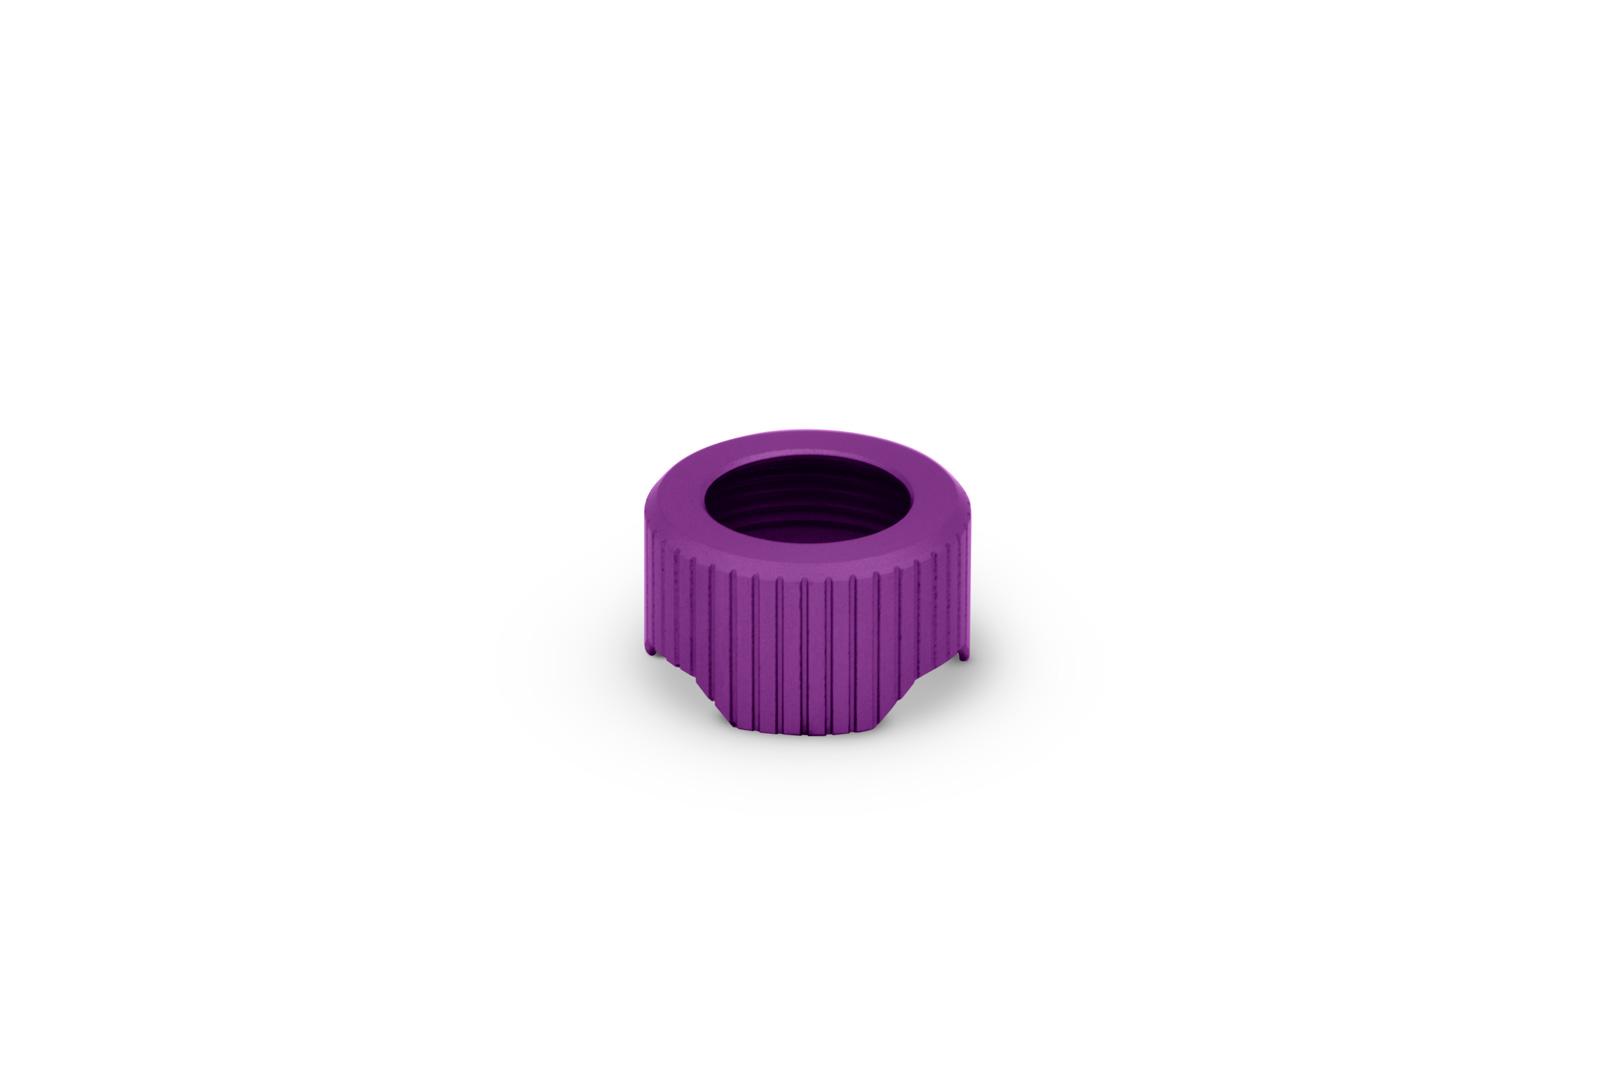 EK-Quantum_Torque_Compression_Ring_6-Pack_HDC_12-Purple_TOP